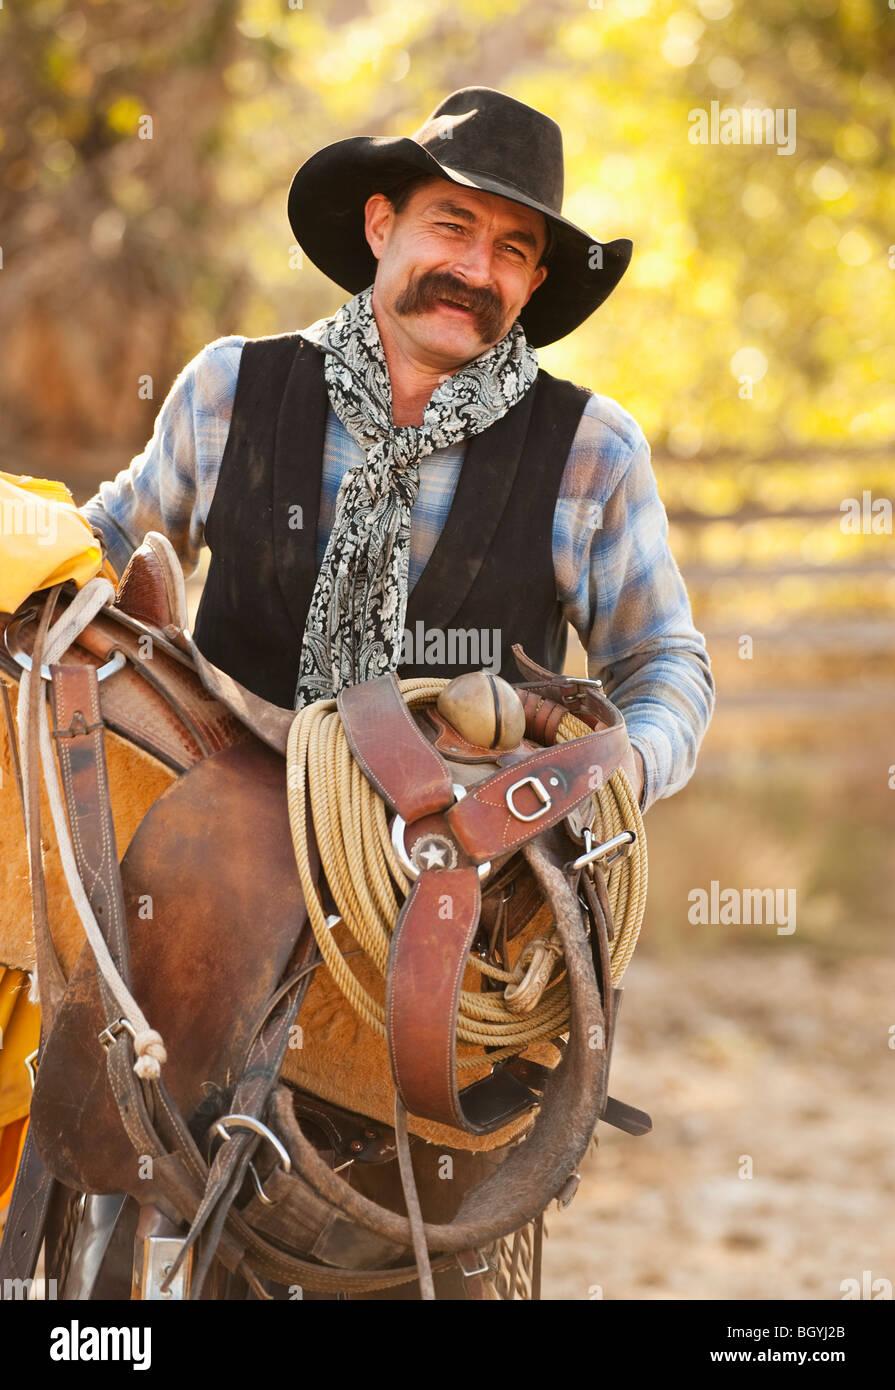 Cowboy holding saddle - Stock Image